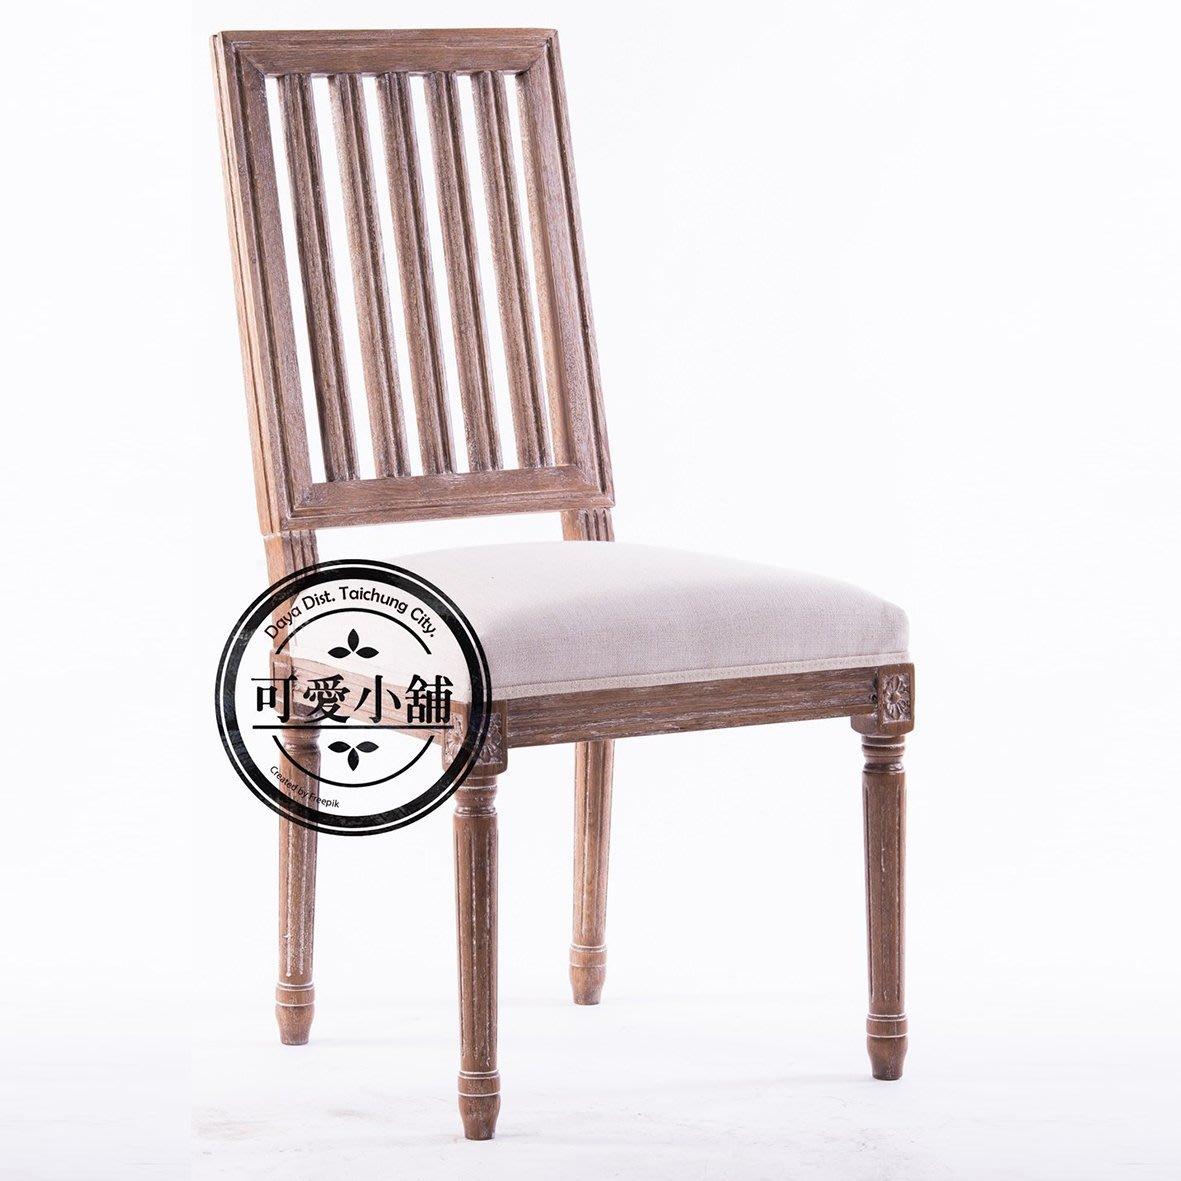 (台中 可愛小舖 )美式簡約鄉村風木製白色棉麻布坐墊無扶手餐椅聚會廚房餐桌閱讀椅餐椅簡約木椅居家客廳餐廳民宿